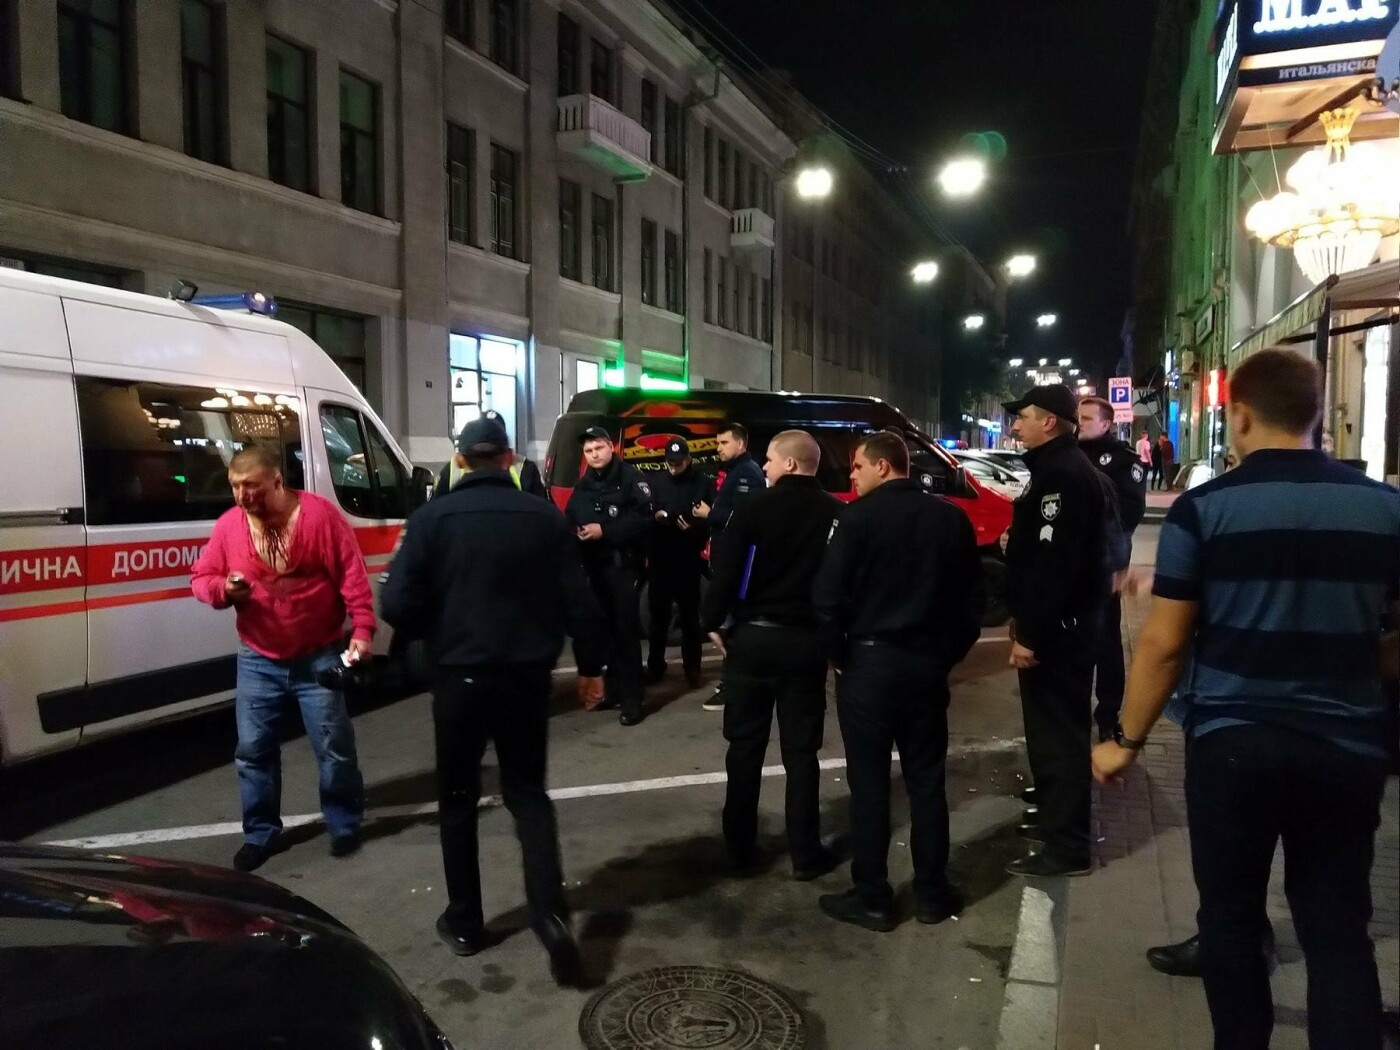 Около 01:00 между двумя мужчинами 30 и 42 лет произошел конфликт. Харьковчане поссорились из-за песни, которую включили по просьбе одного из посетителей. Вскоре ссора переросла в драку, в результате которой двух харьковчан доставили в 4-ю больницу скорой и неотложной помощи.